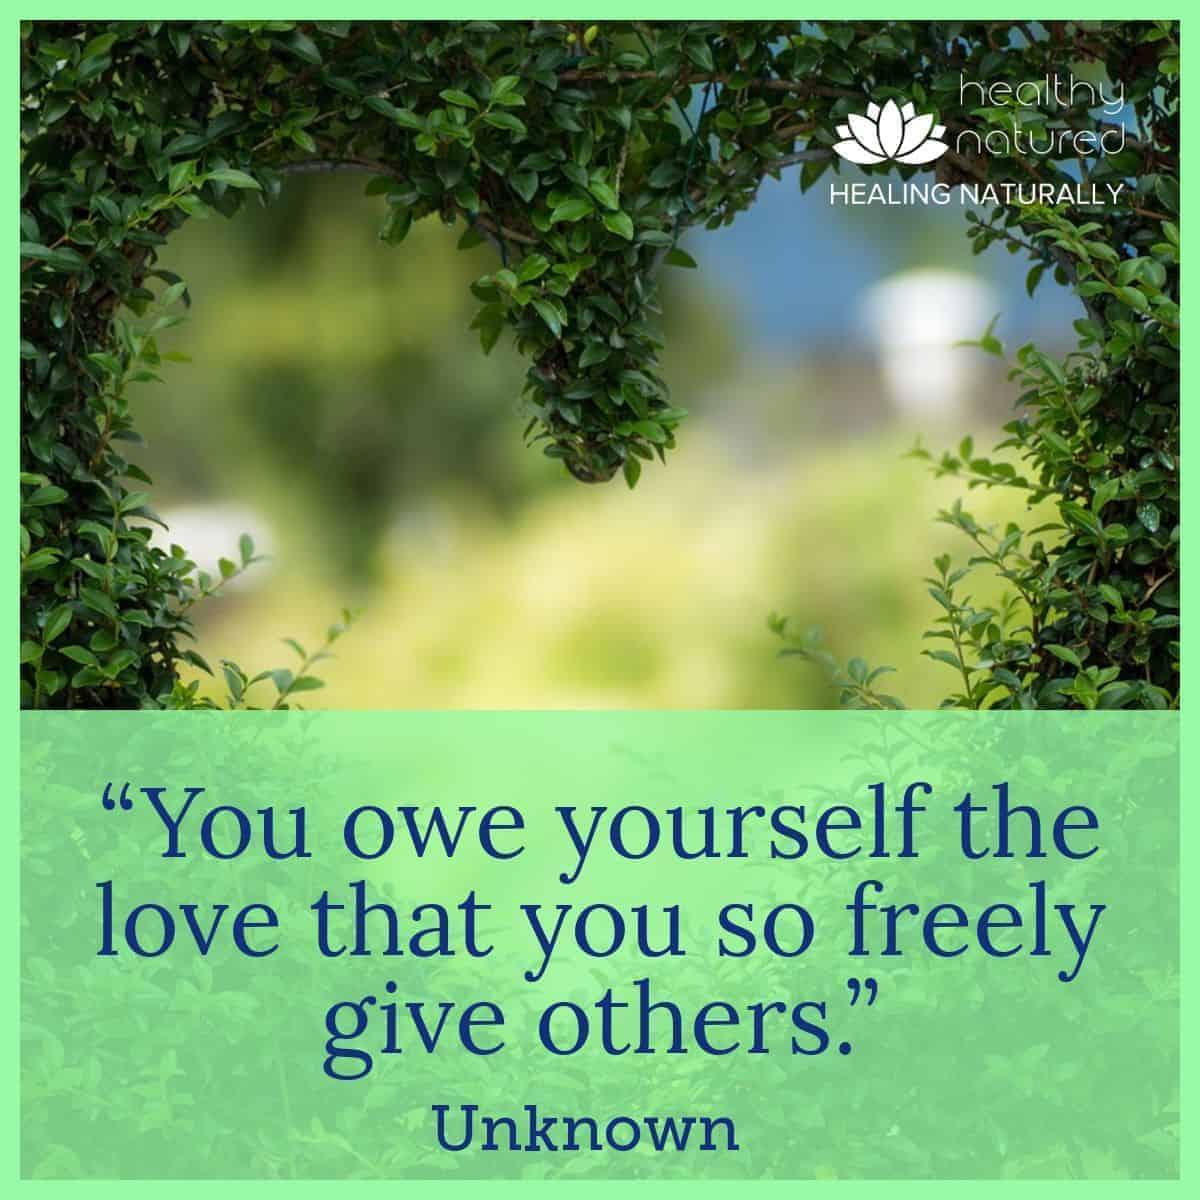 Self Love - Improve Health Outcomes For Self Care